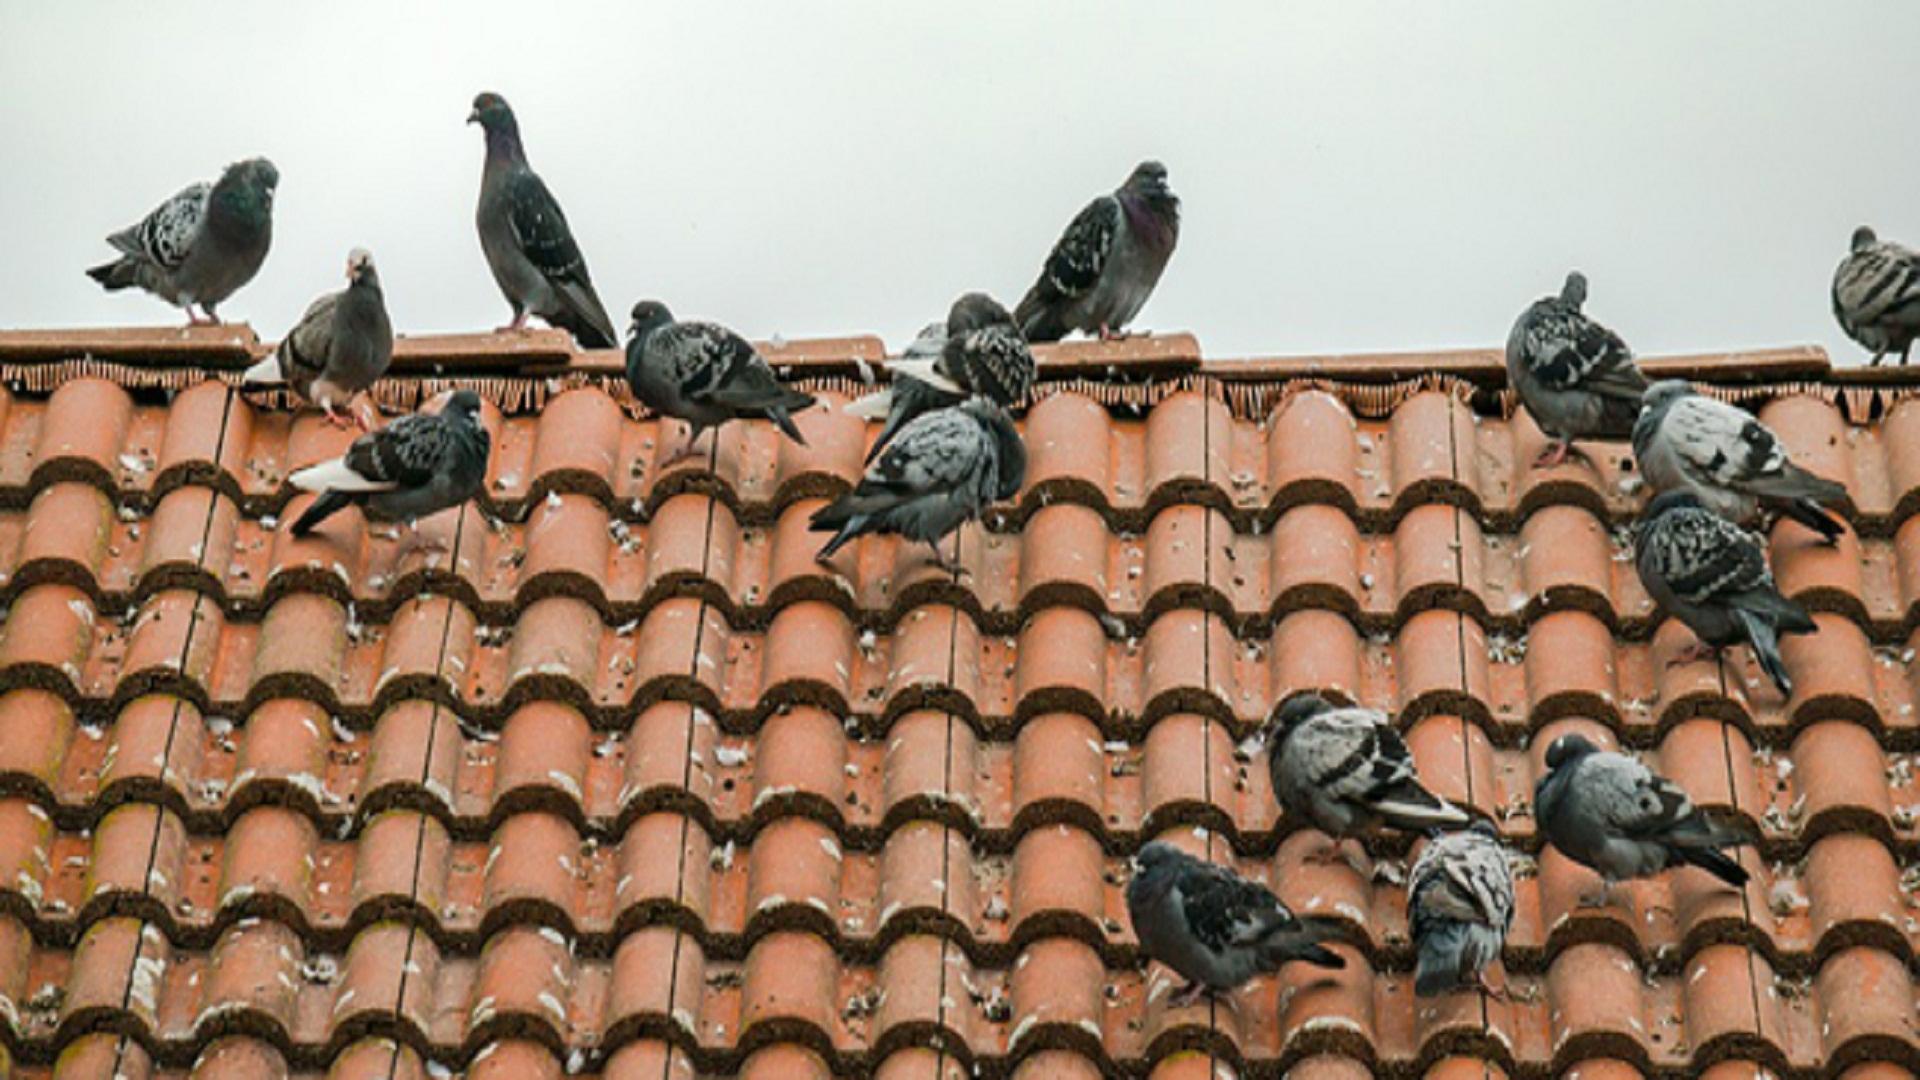 Comment-faire-fuir-les-pigeons-de-votre-balcon-ou-de-votre-toit